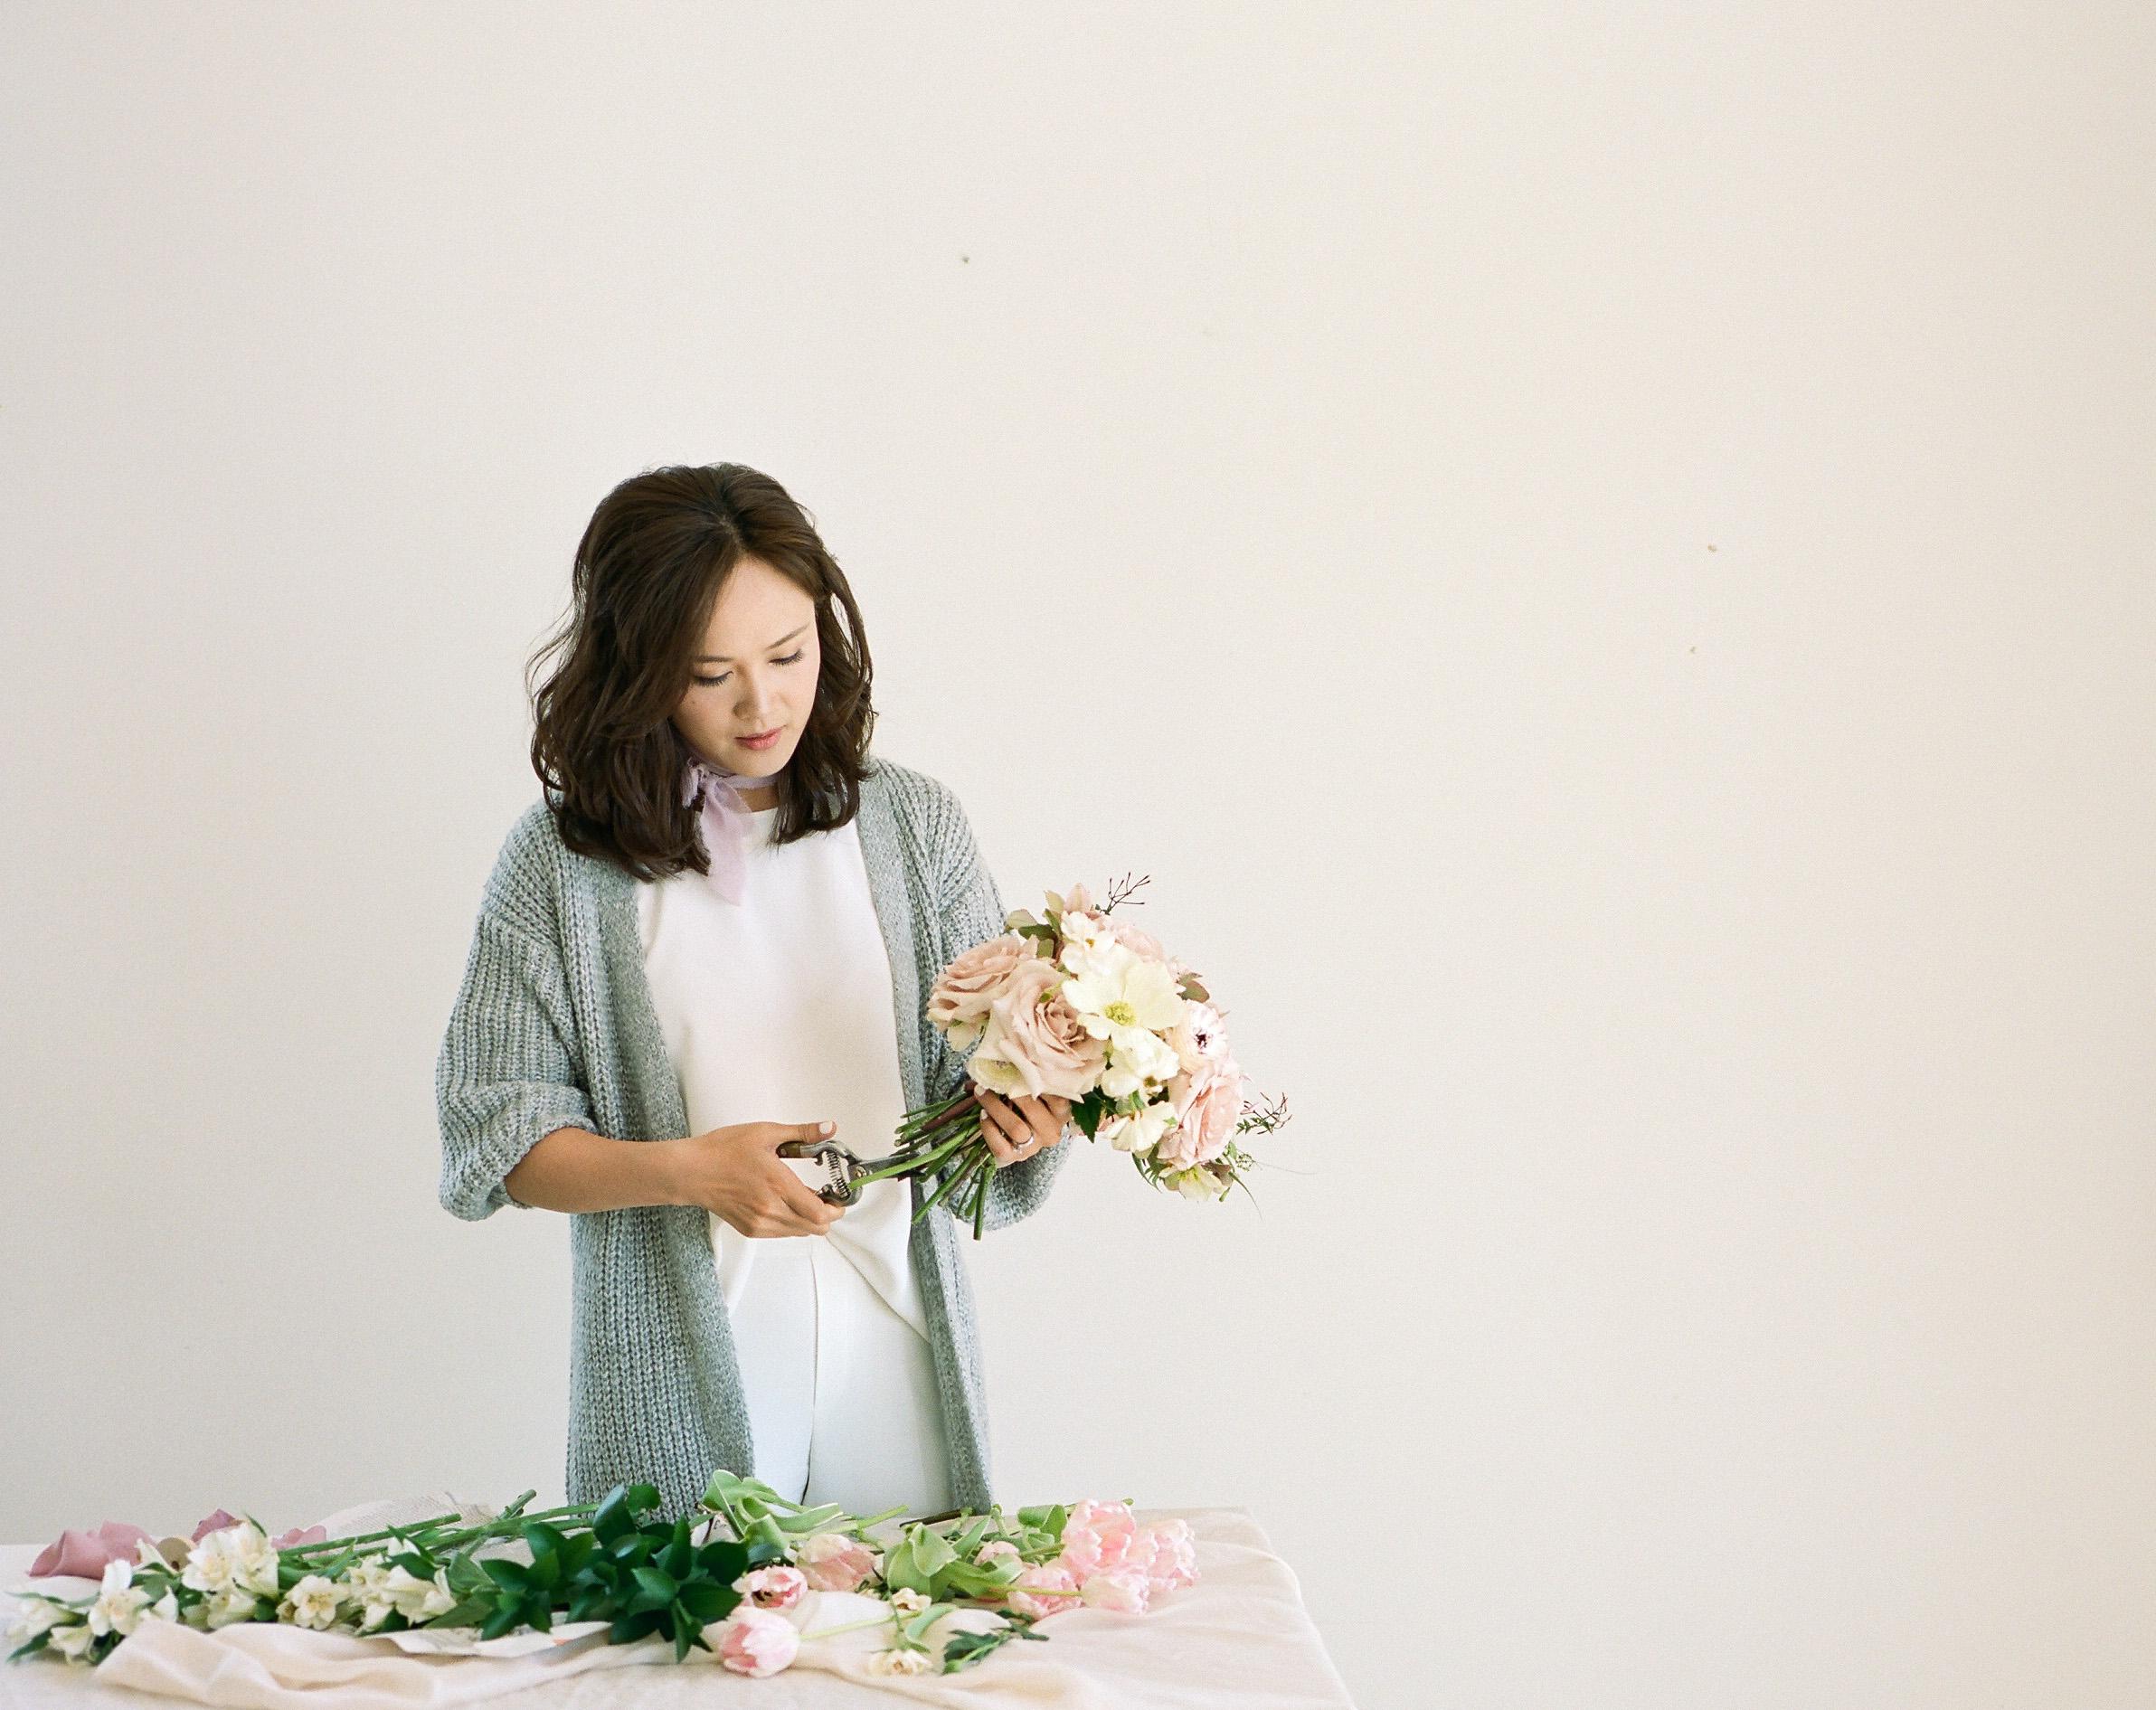 olea-and-fig-blooming-wed-brand-shoot-39.jpg